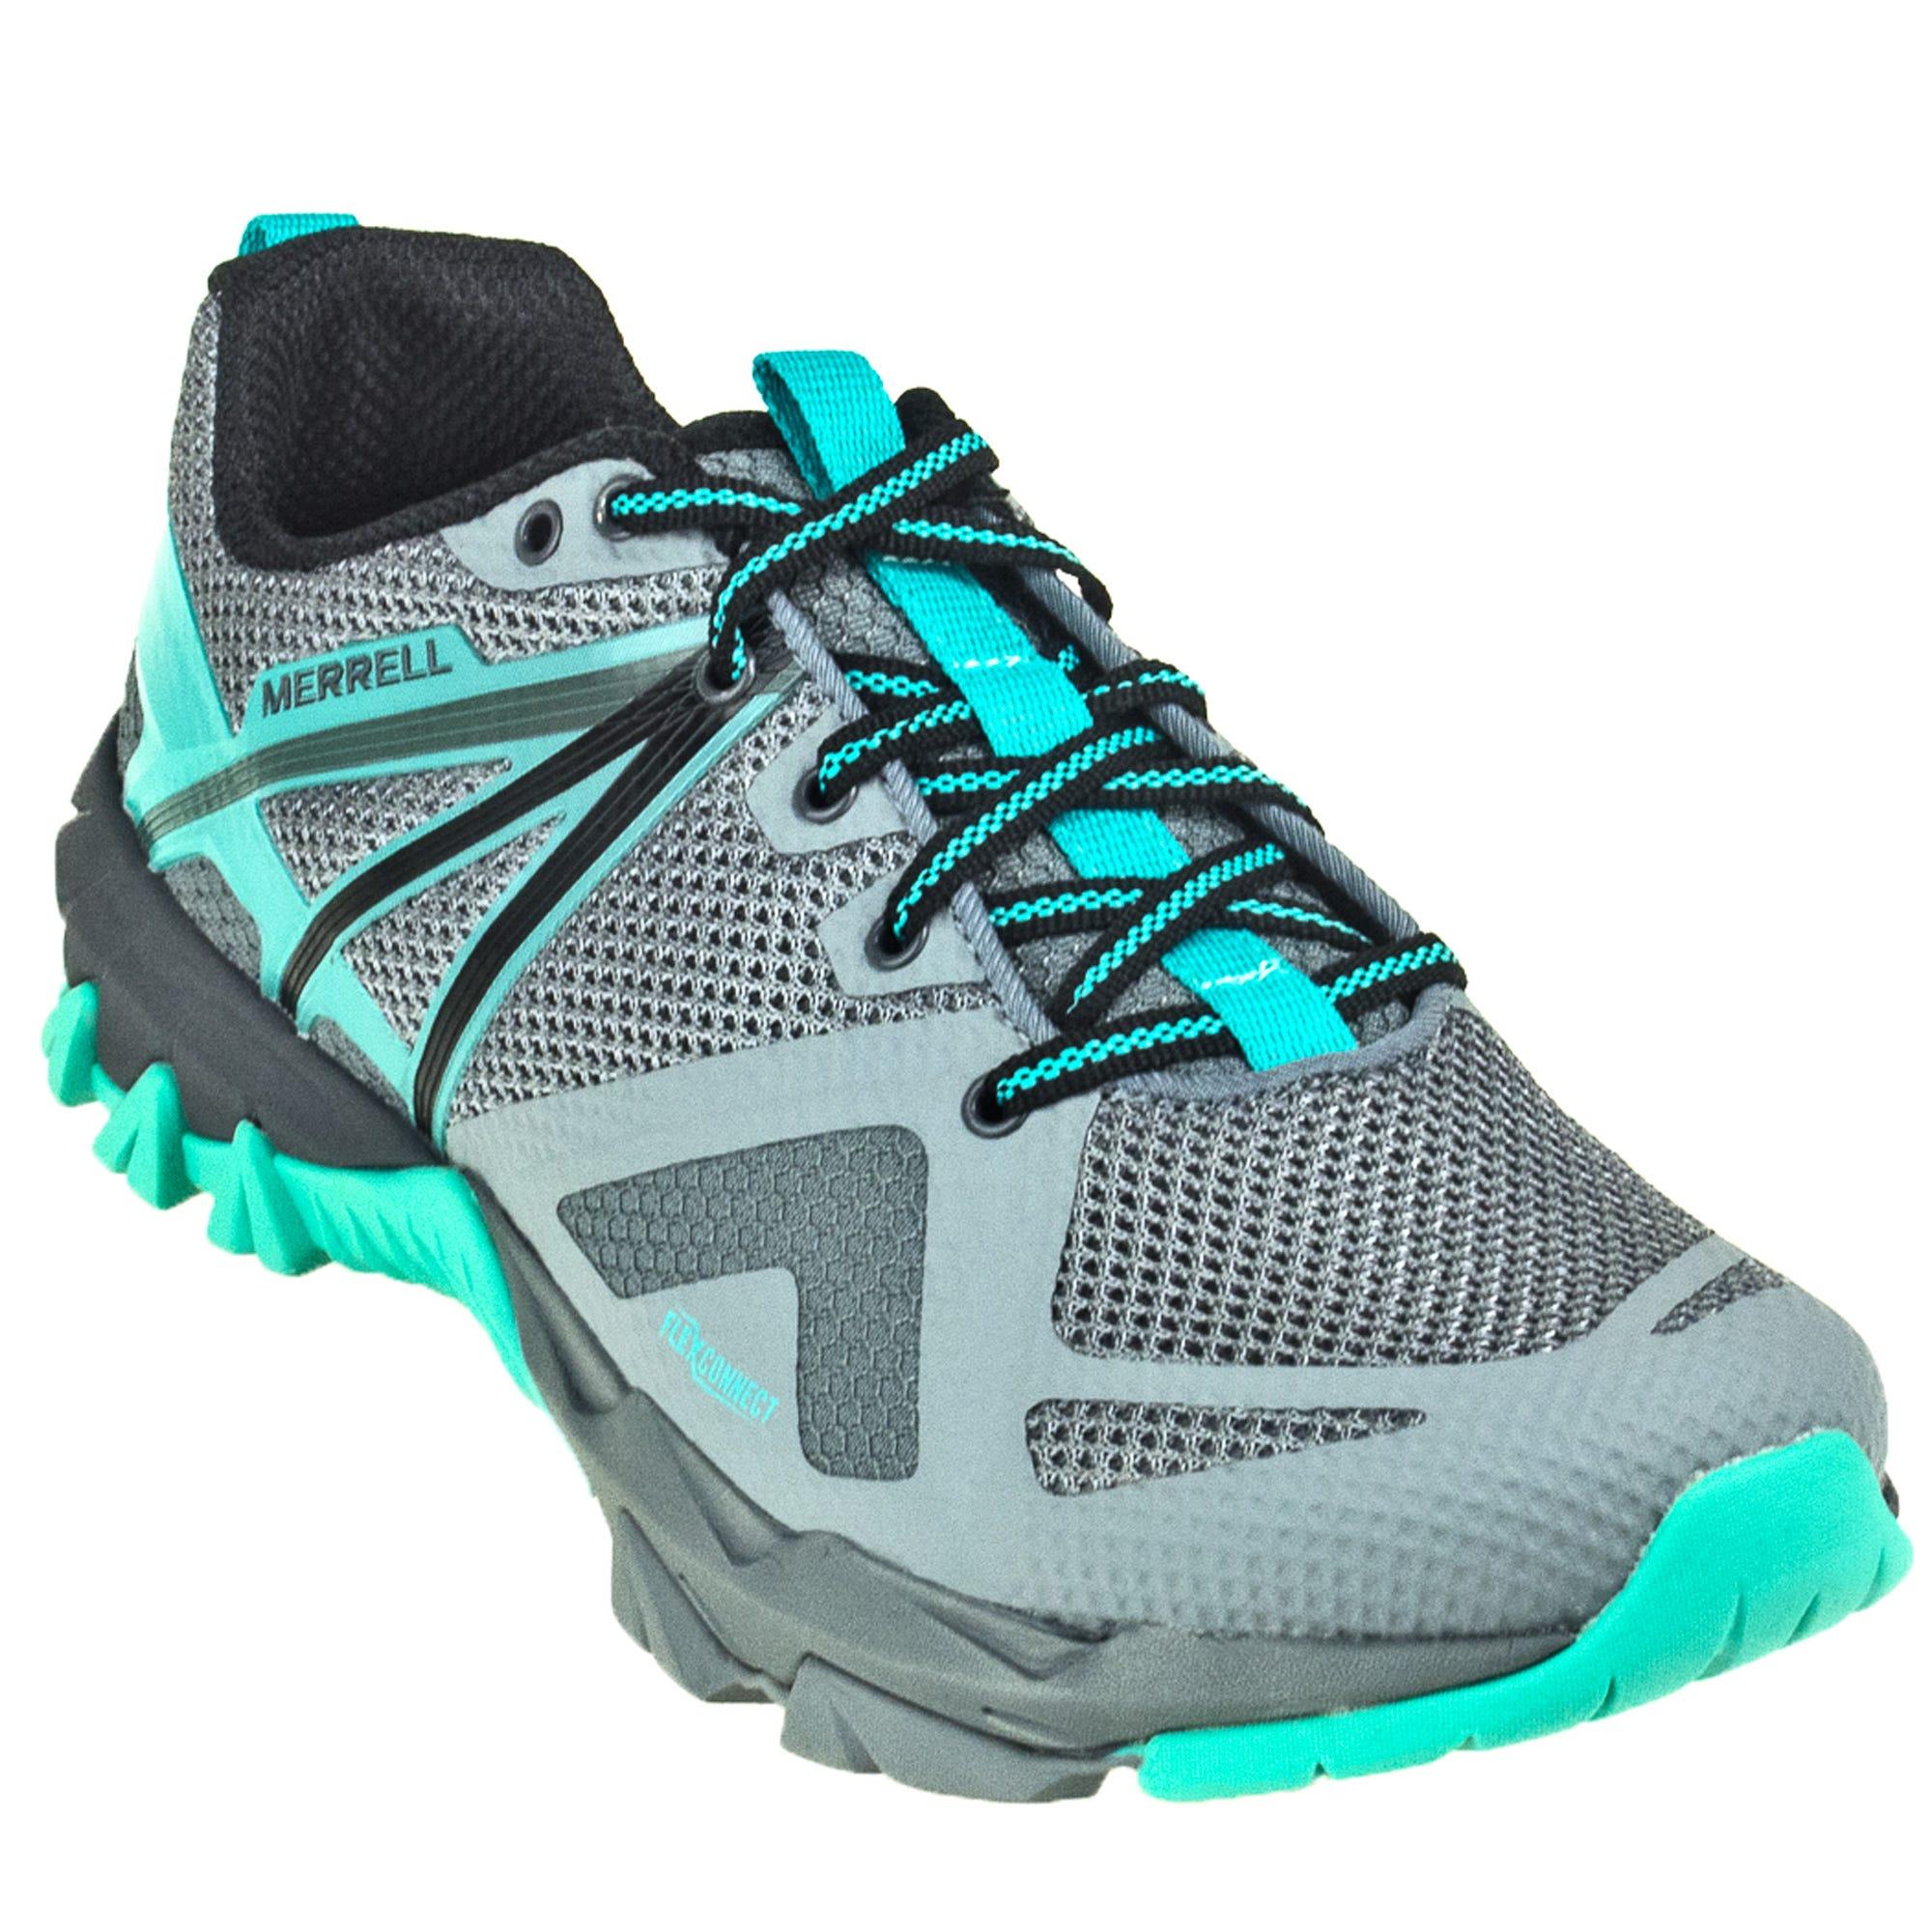 b43268a7401 Best Merrell Shoes Wide Calf Boots for Women